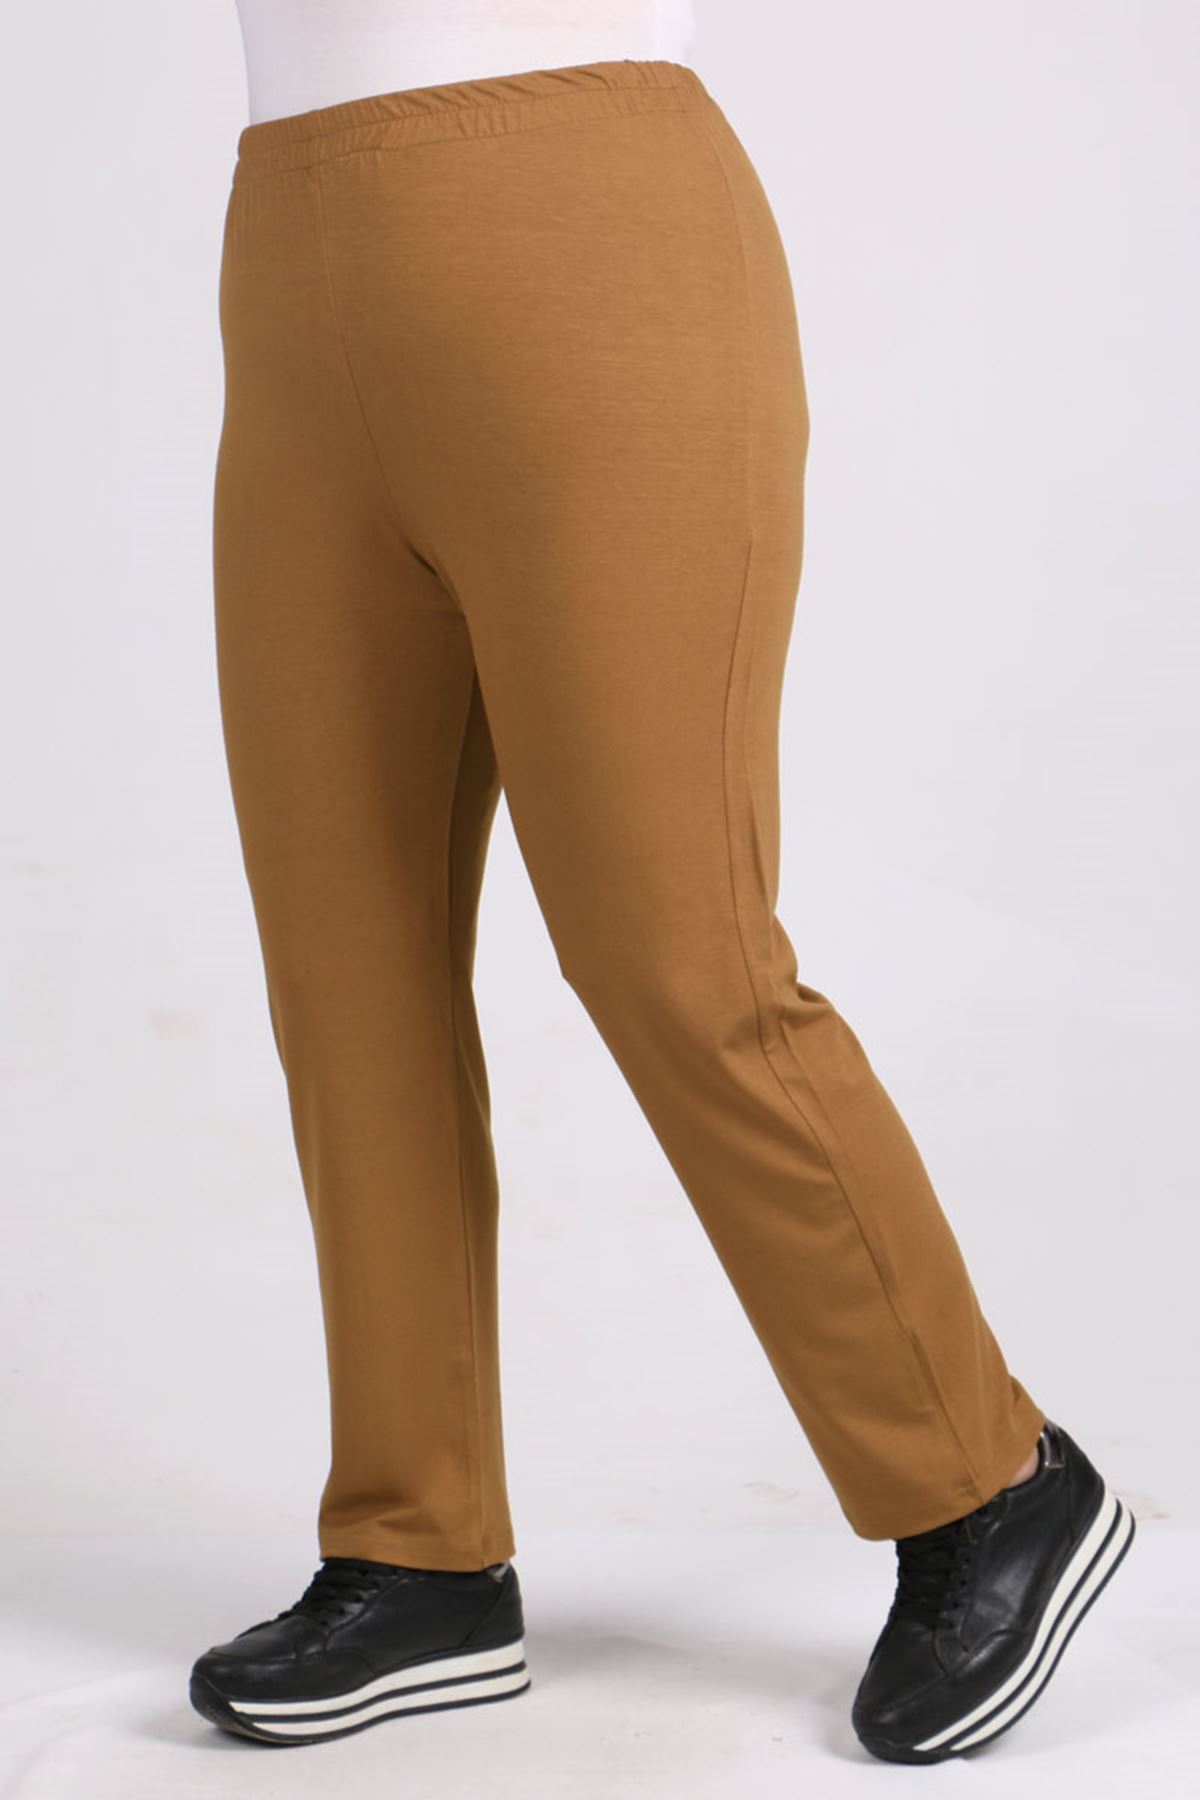 D-9057-3 Büyük Beden Defolu Yüksel Bel Lastikli Penye Pantalon -Kahve